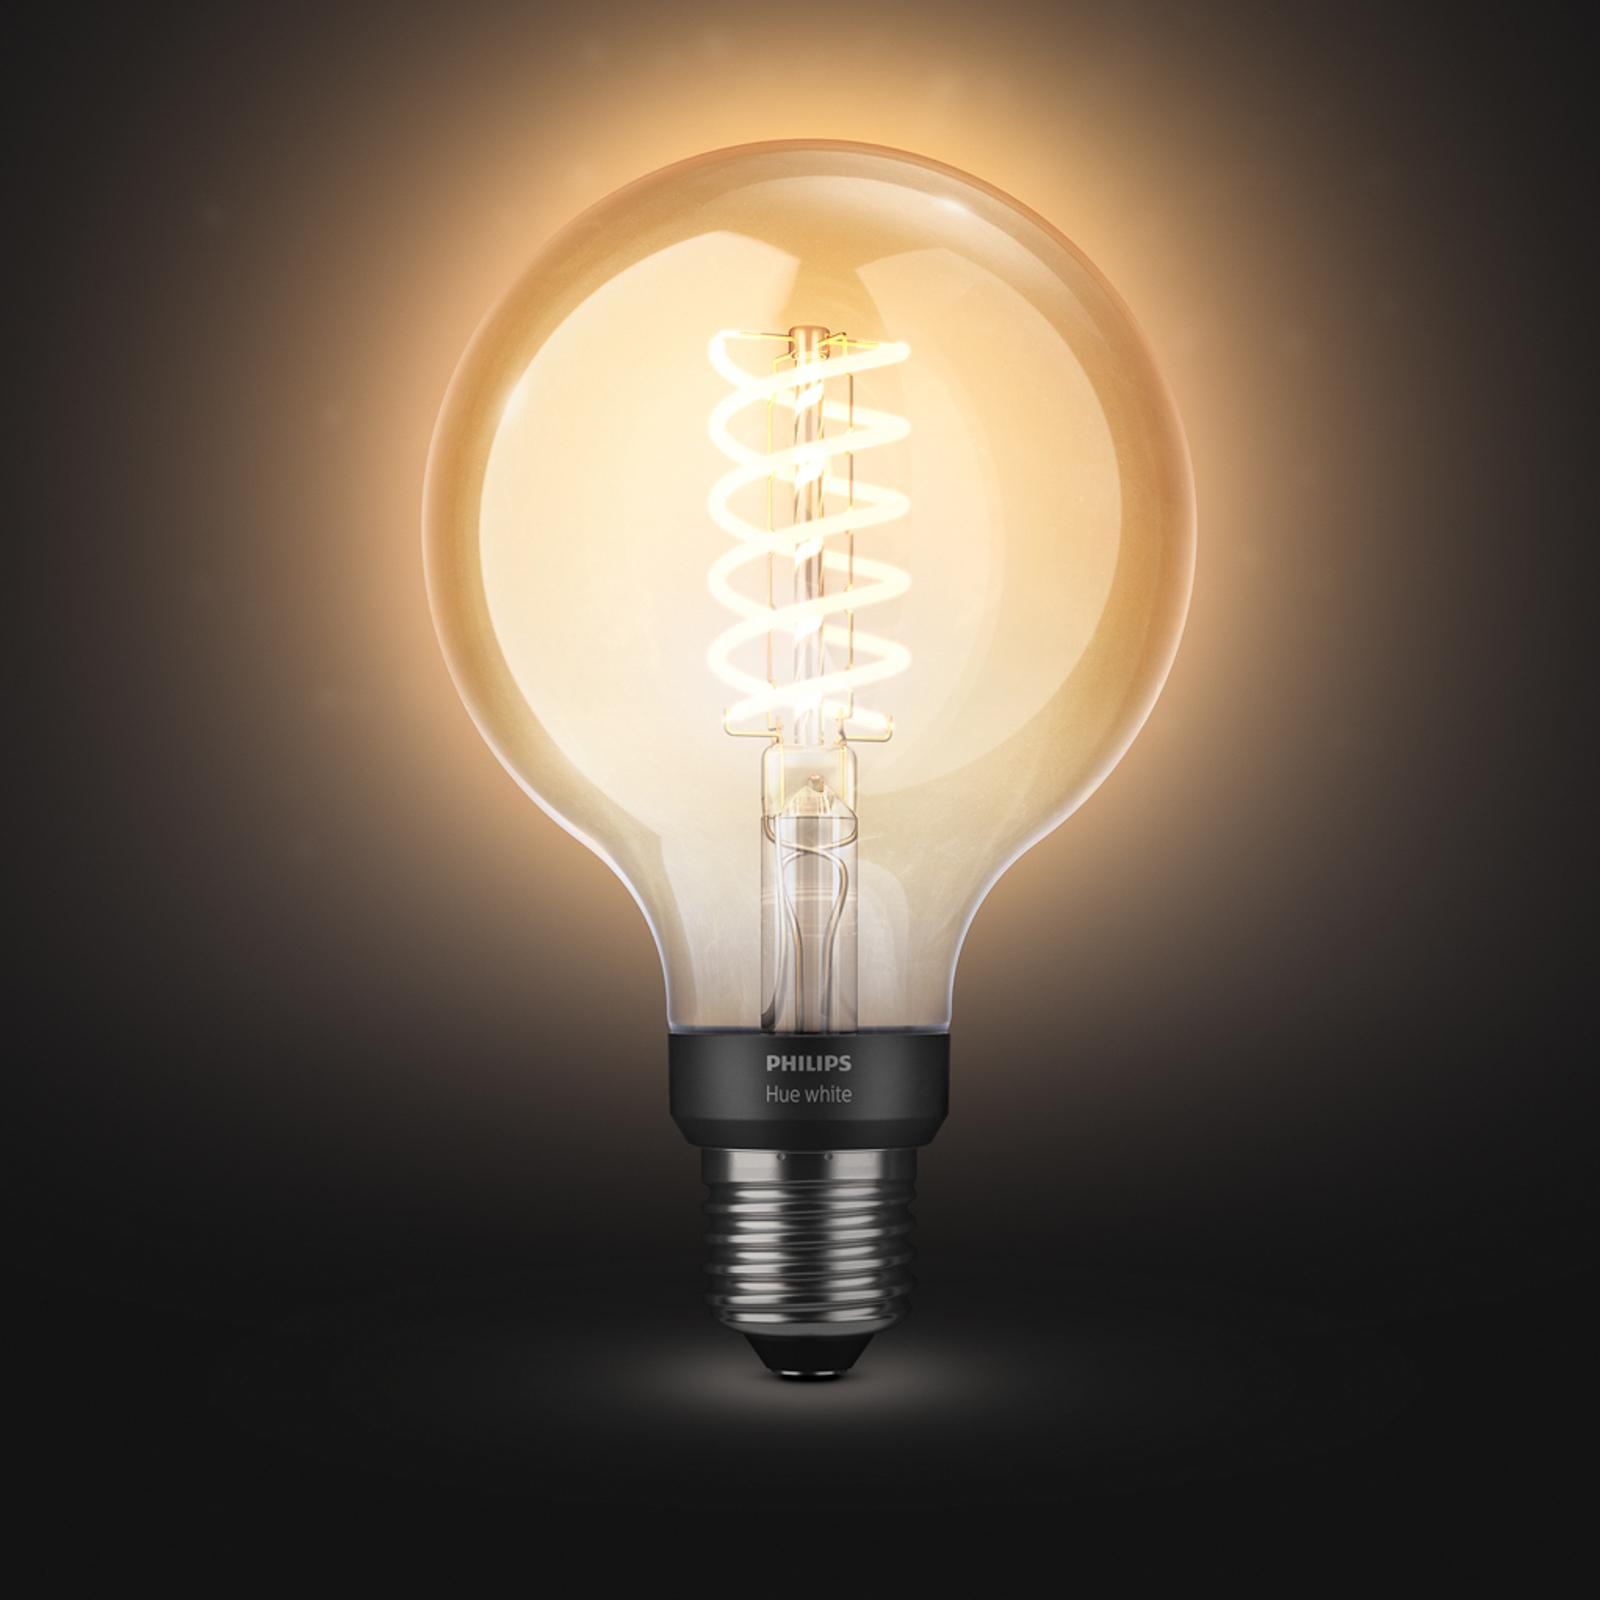 Philips Hue White 7 W E27 filament bulb globe G95_7534168_1